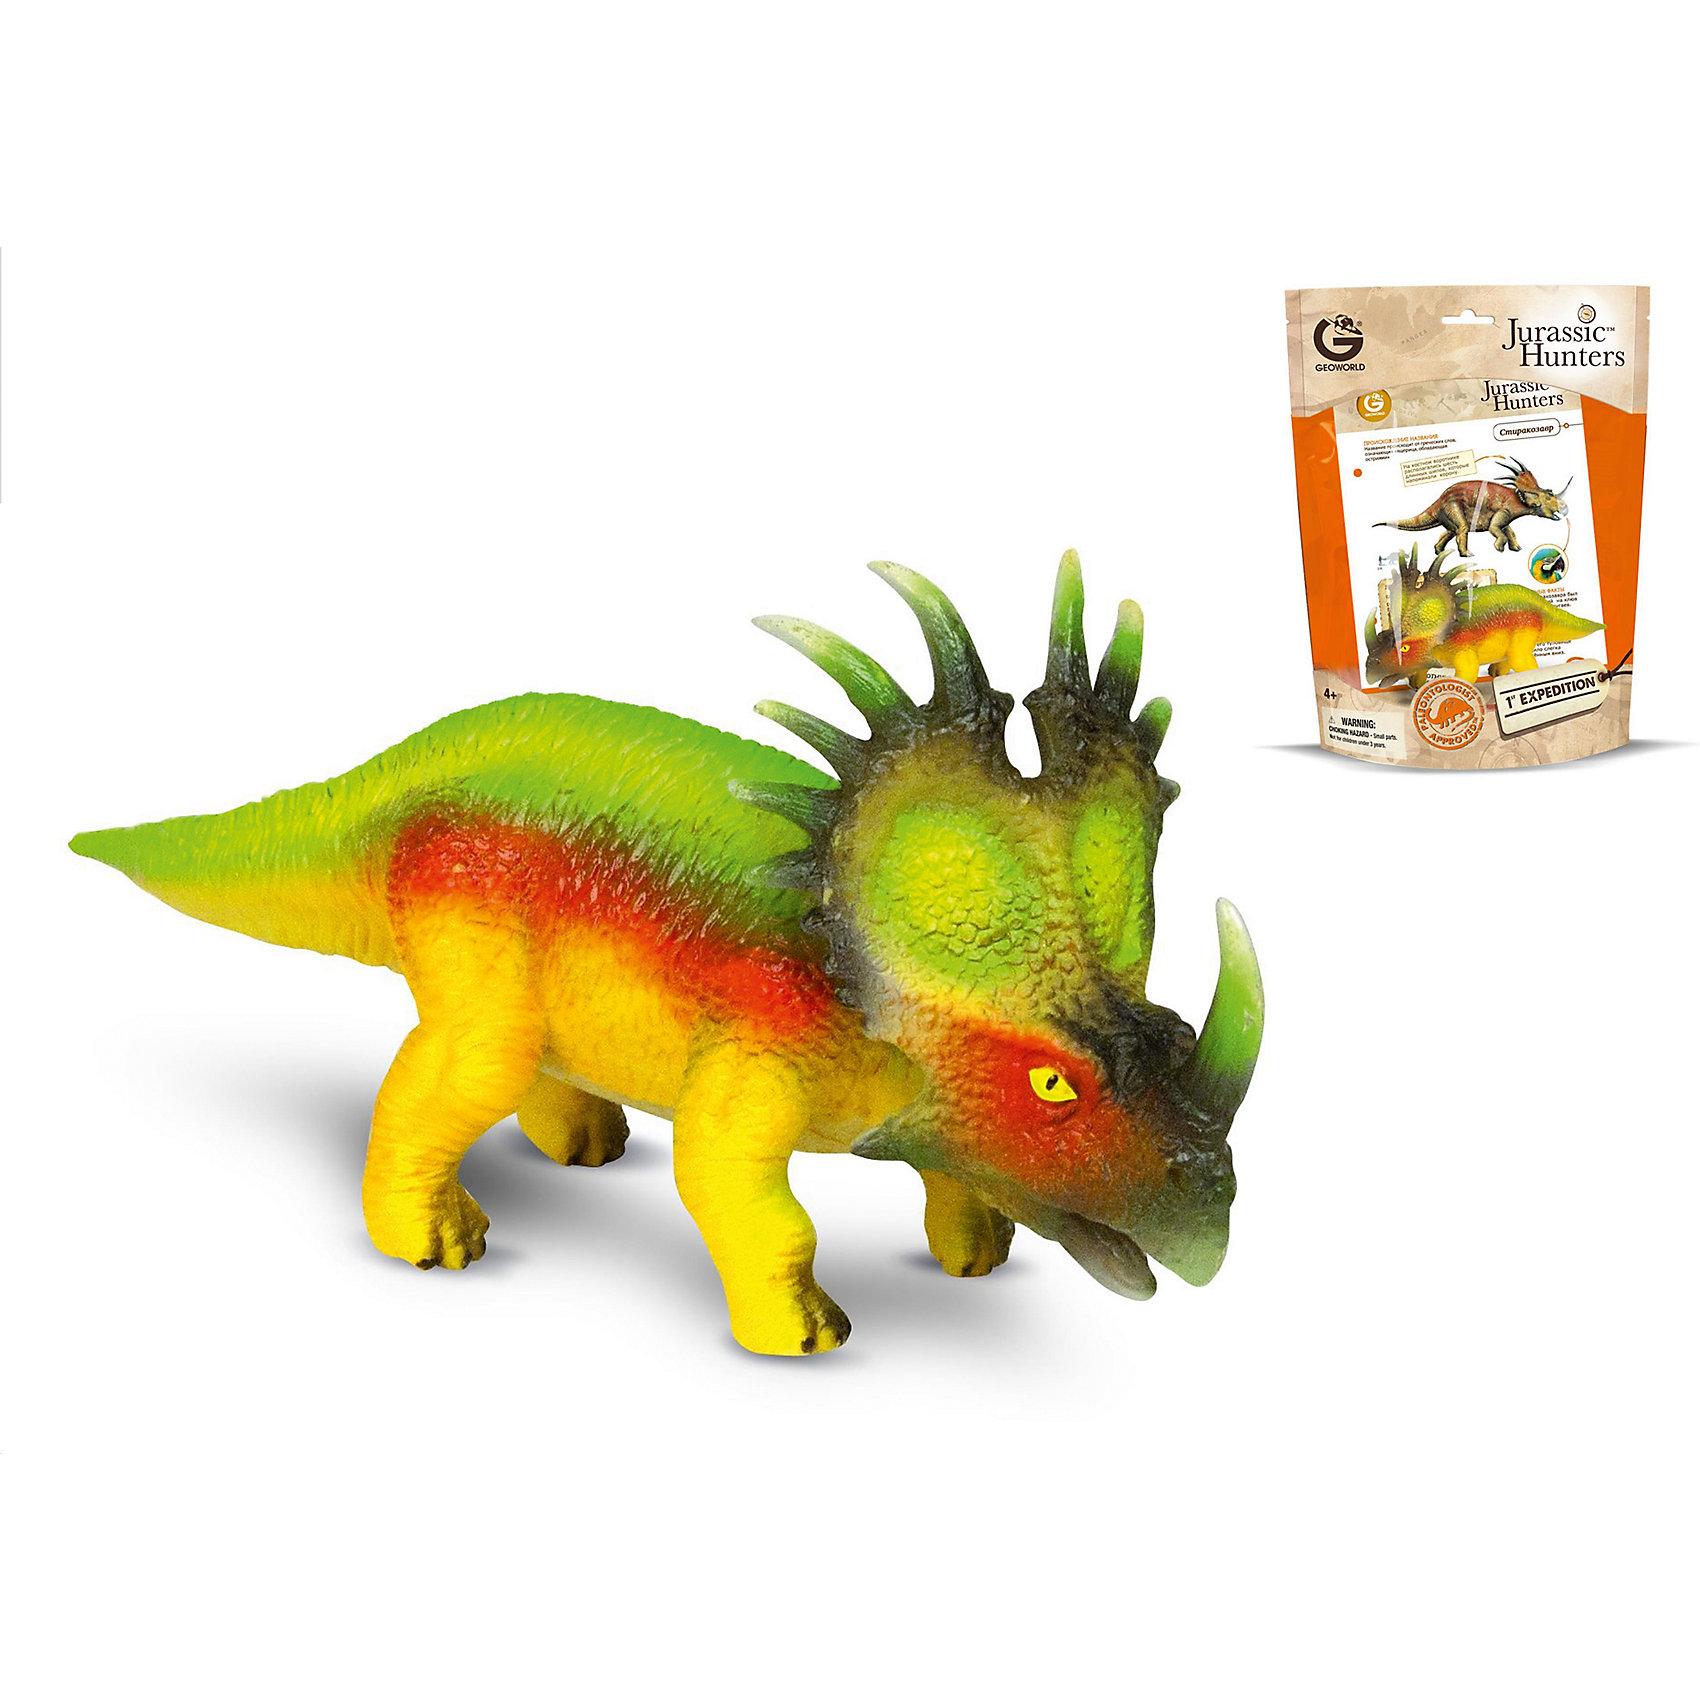 Динозавр Стиракозавр, коллекция Jurassic Hunters, GeoworldДраконы и динозавры<br>Характеристики товара:<br><br>• материал: пластик<br>• возраст: от 4 лет<br>• длина игрушки: 15 см<br>• масштаб: 1:40<br>• в комплекте: фигурка динозавра, страница с научной информацией о динозавре, мини-буклет с указанием полной коллекции Jurassic Hunters (Охотников за Динозаврами).<br>• габариты упаковки: 34х21х8 см<br>• вес: 133 г<br>• страна бренда: Италия<br><br>Детализированная фигурка отлично впишется в коллекцию динозавров юного палеонтолога. Уникальный дизайн, проработанные мелкие детали и художественное исполнение сделали игрушку очень реалистичной и перенесли ее в раздел коллекционных моделей. Материалы, использованные при изготовлении товаров, проходят проверку на качество и соответствие международным требованиям по безопасности.<br>Такие фигурки помогают привить детям любовь к учебе, развить воображение и интерес к коллекционированию.<br><br>Динозавр Стиракозавр, коллекция Jurassic Hunter, от бренда Geoworld можно купить в нашем интернет-магазине.<br><br>Ширина мм: 210<br>Глубина мм: 80<br>Высота мм: 270<br>Вес г: 133<br>Возраст от месяцев: 48<br>Возраст до месяцев: 108<br>Пол: Унисекс<br>Возраст: Детский<br>SKU: 5418991